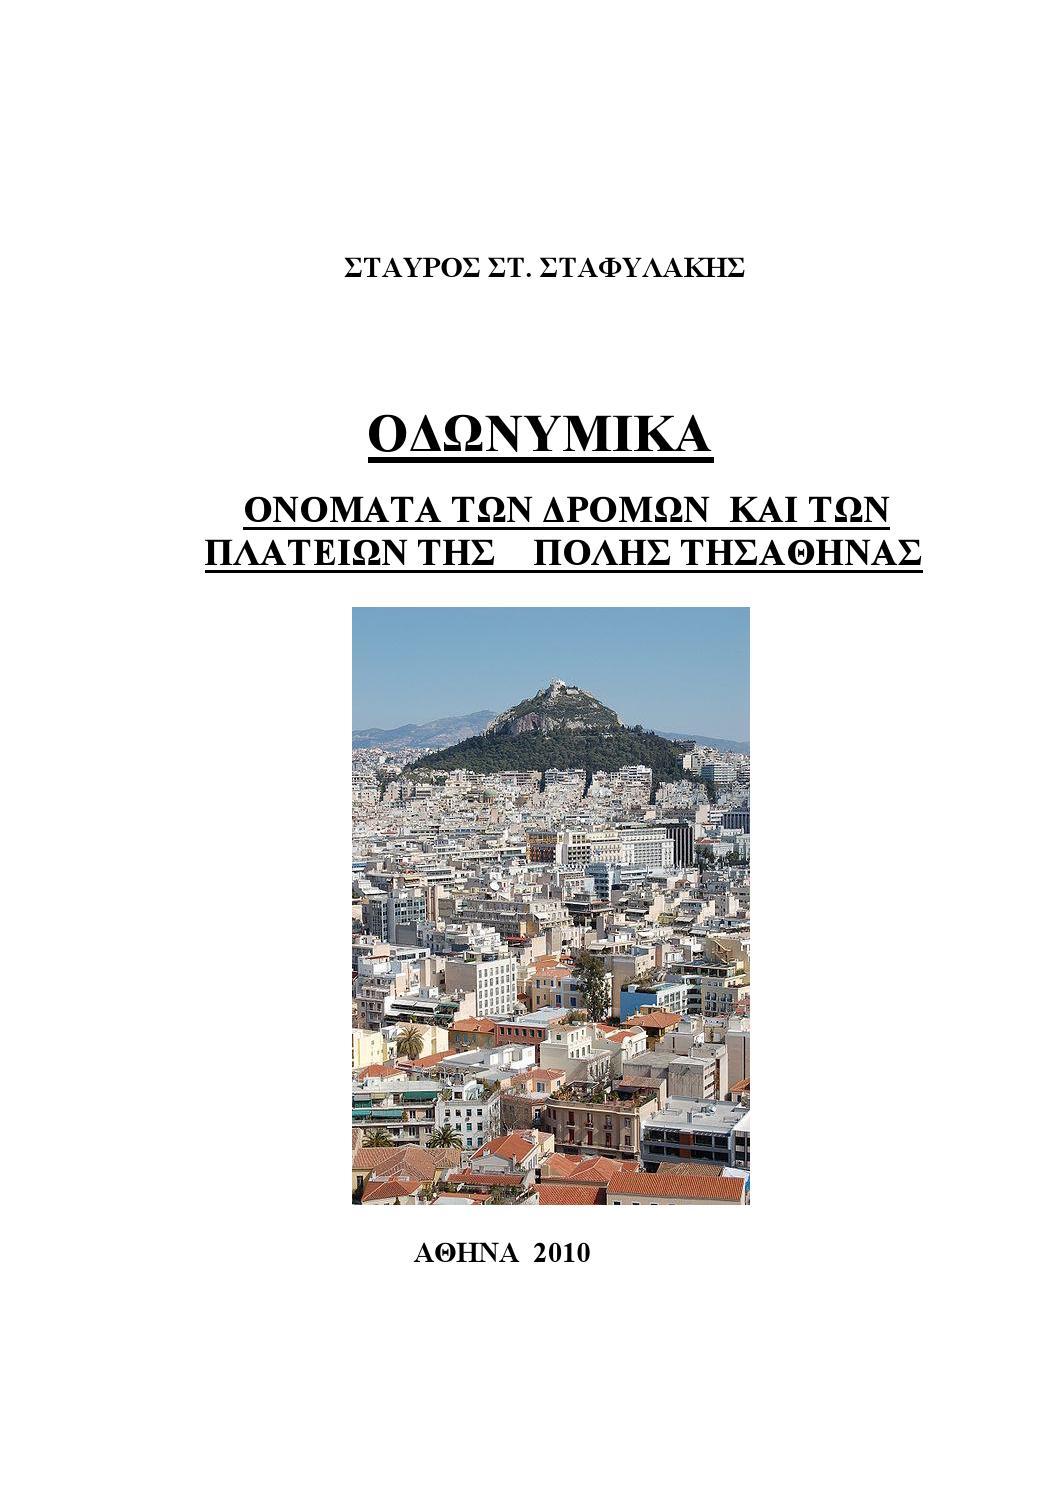 (3pdf) οδοι & πλατειεσ (pdf)